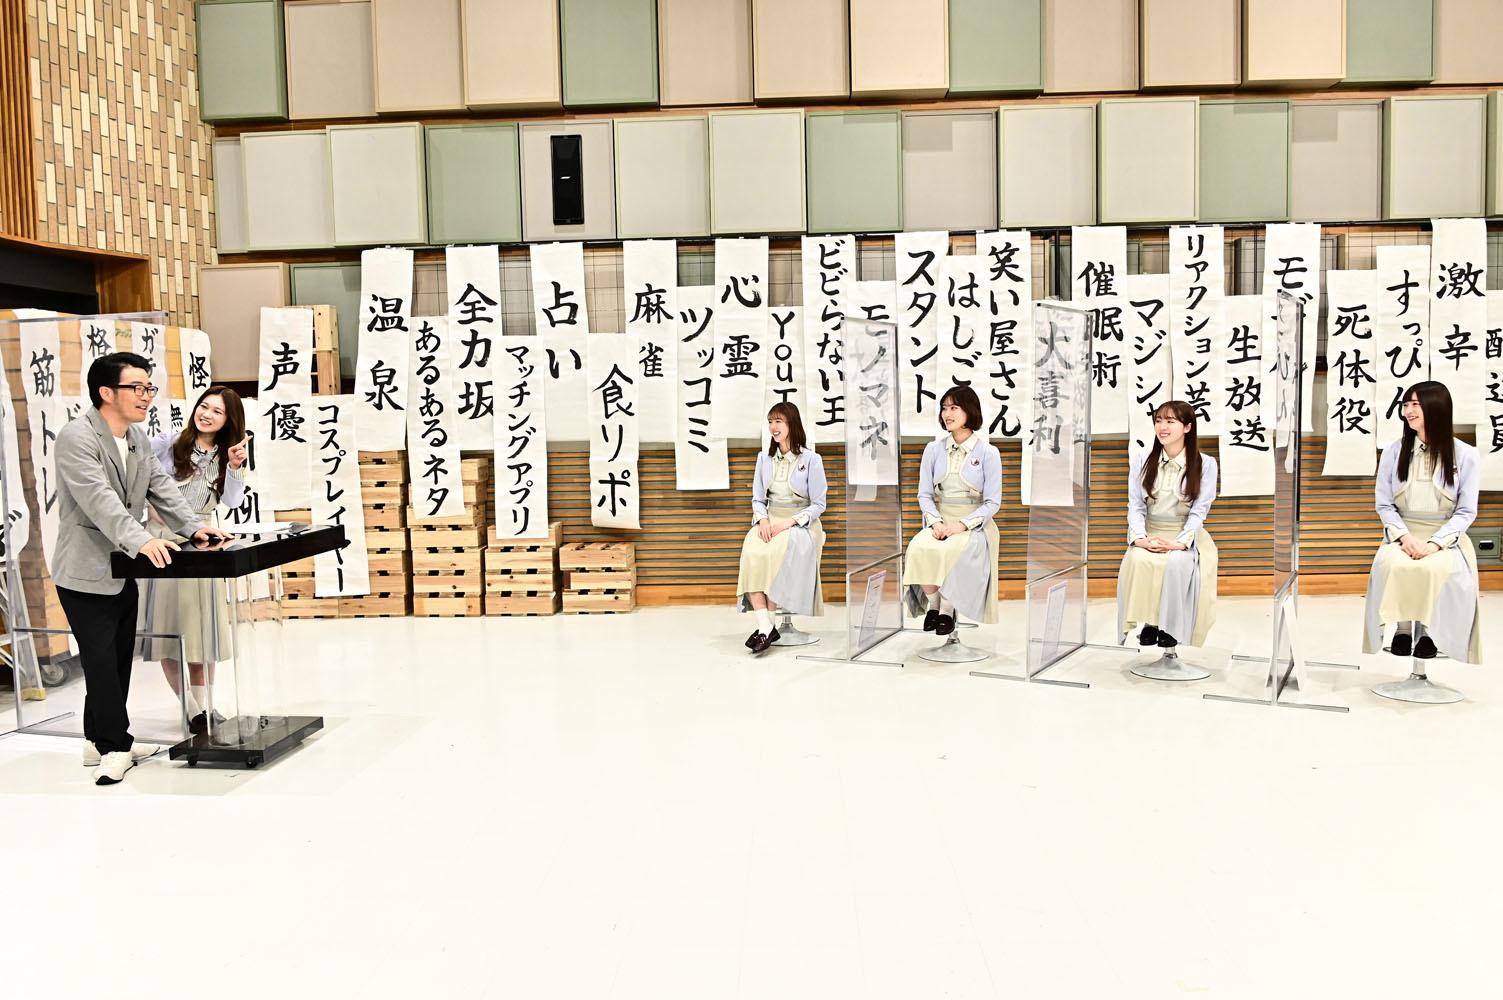 スタジオの壁に貼られた46個のお試し企画案(C)TBS